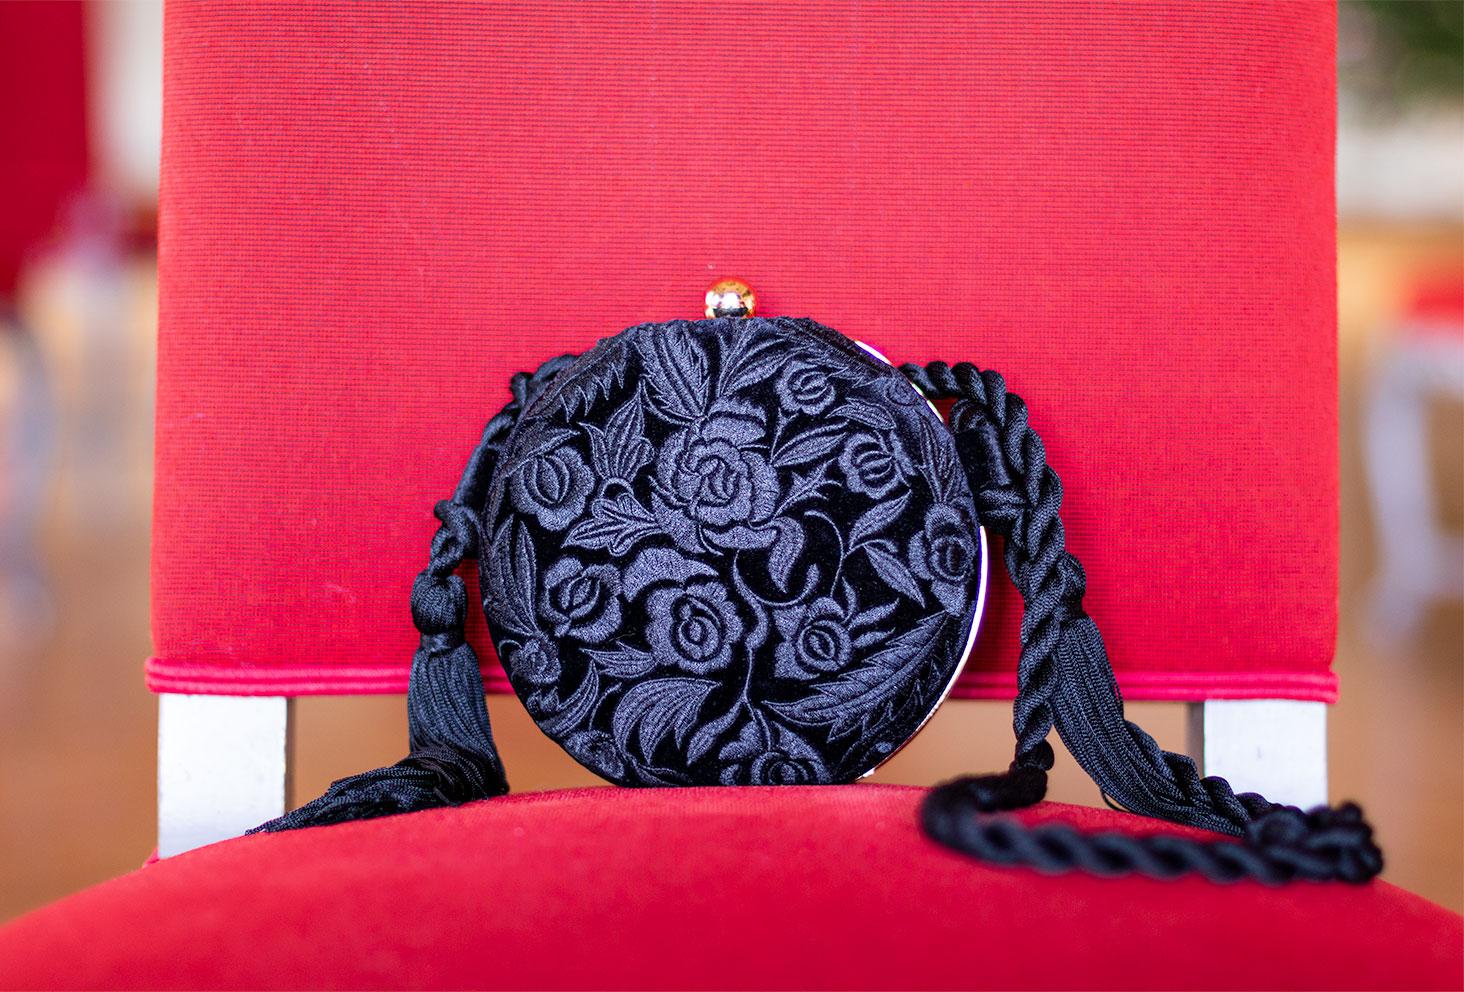 Zoom sur la pochette ronde et noire en velours posée dur un siège en tissu rouge de l'hôtel de ville de tours